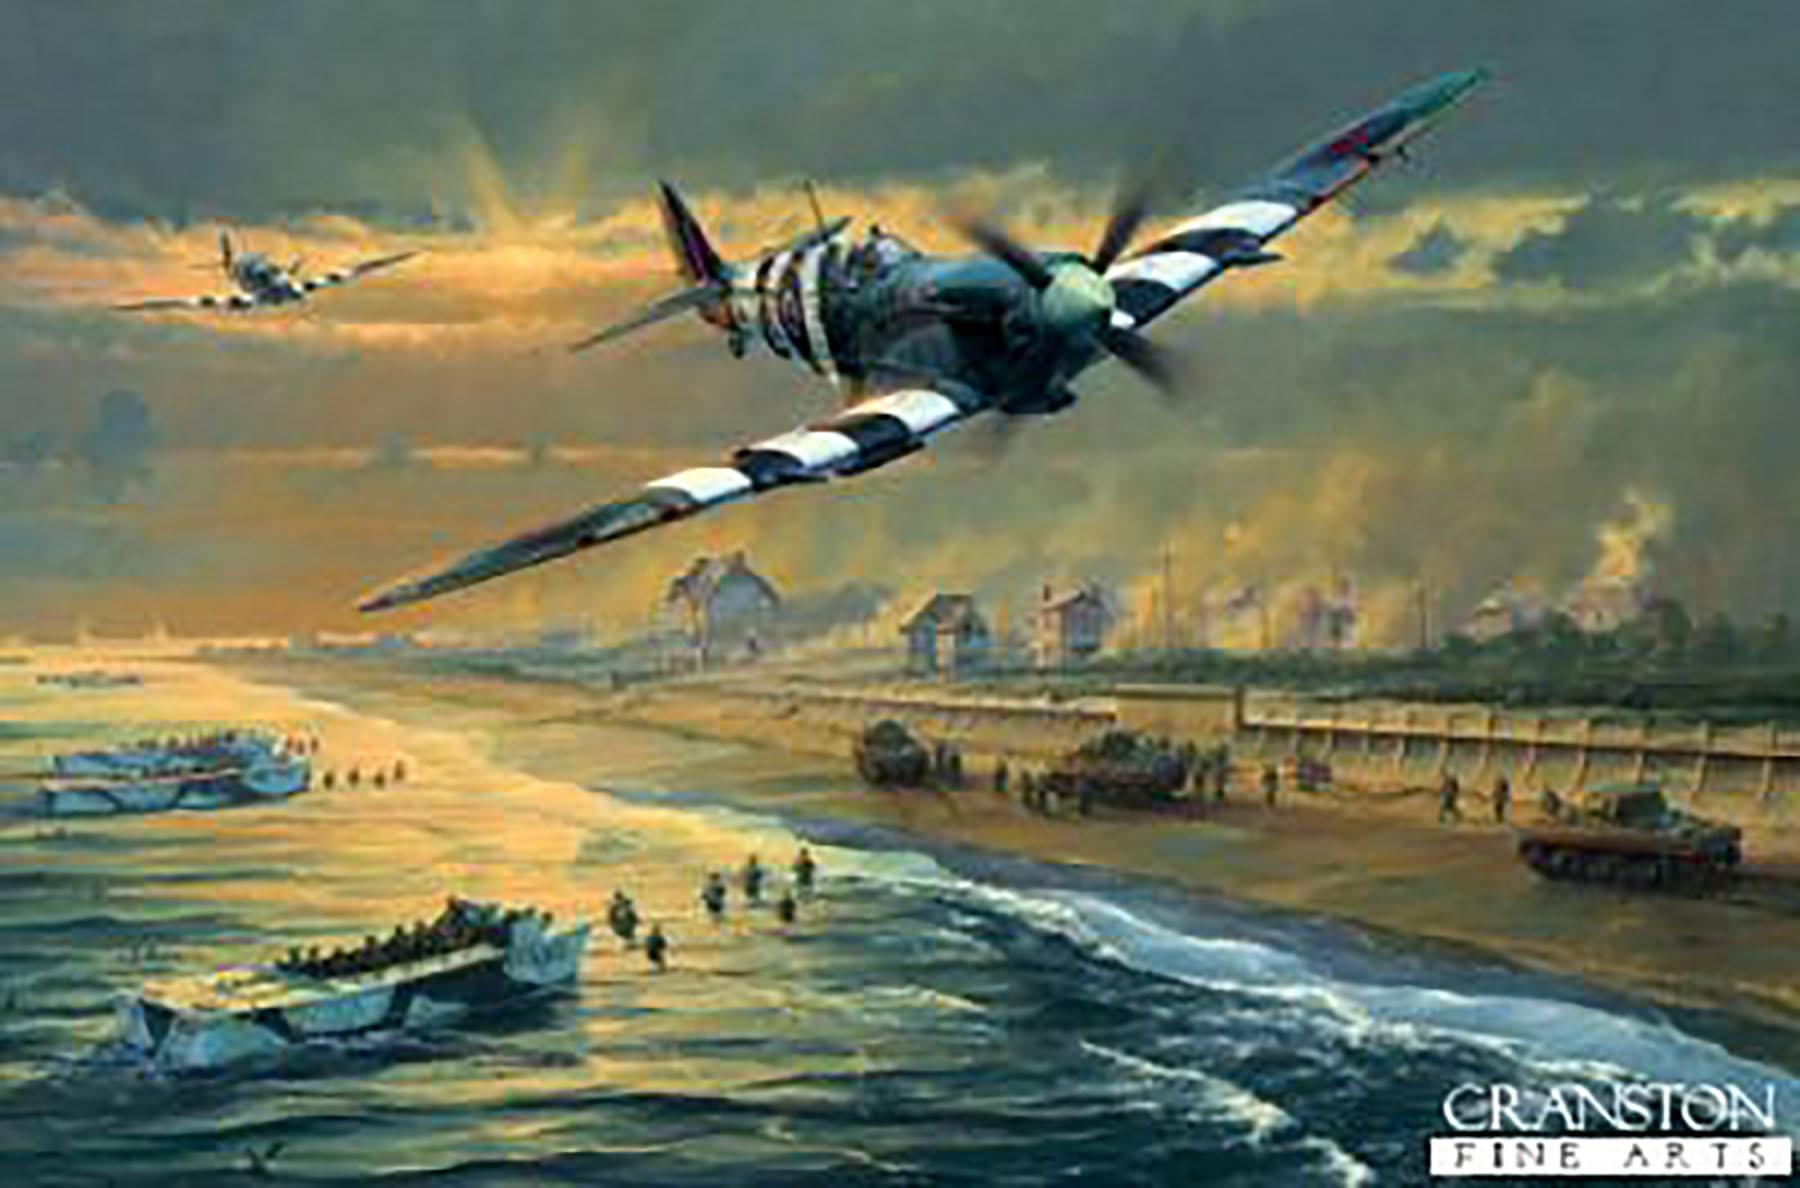 Art 412sqdn over Juno Beach D Day June 1944 by Cranston Fine Arts 0A